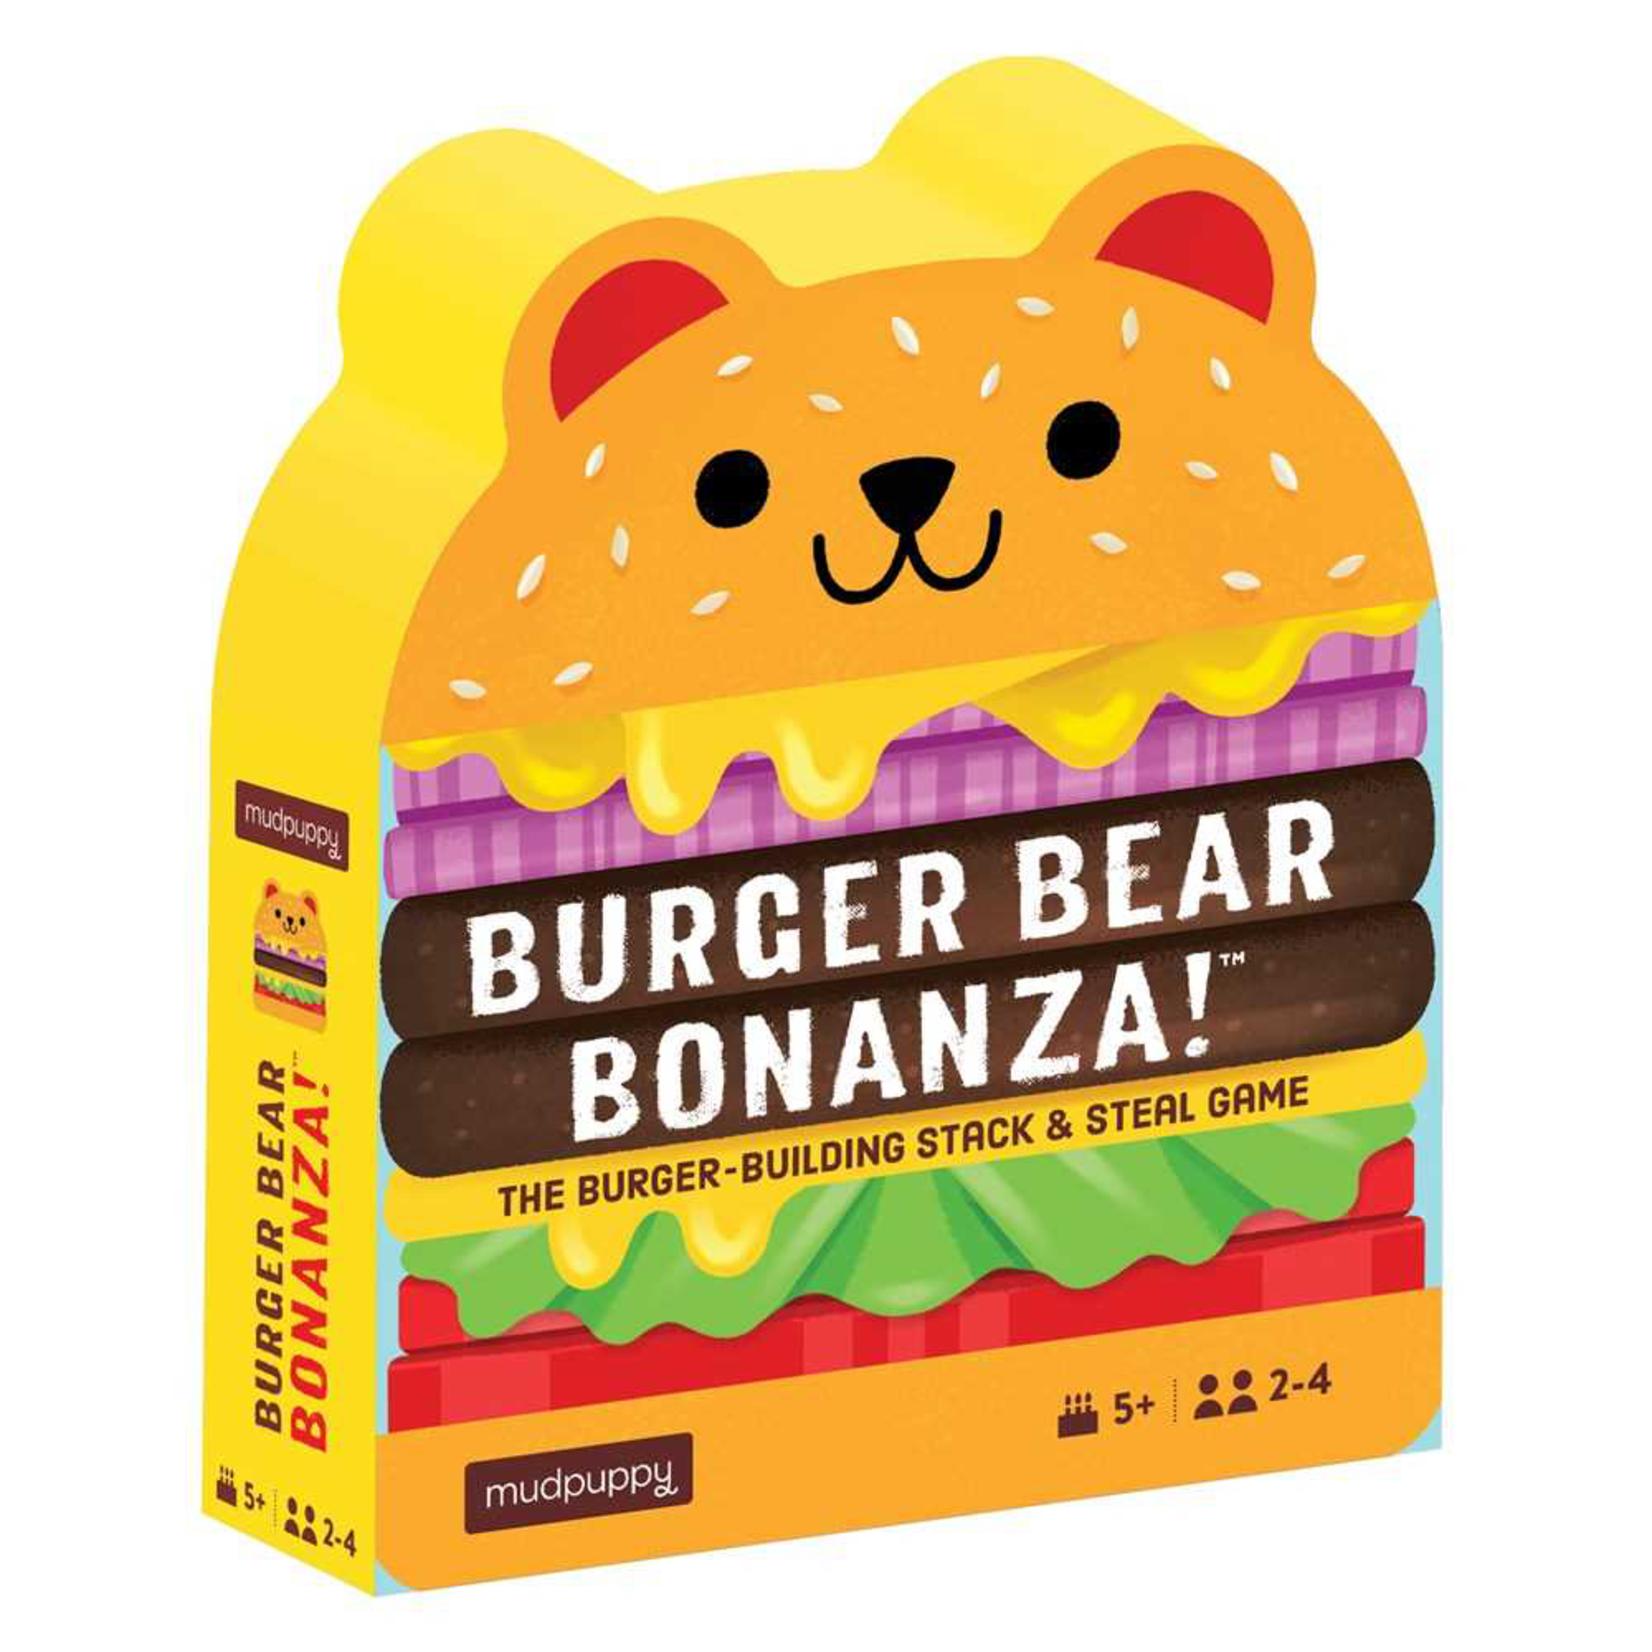 Mudpuppy Burger Bear Bonanza!